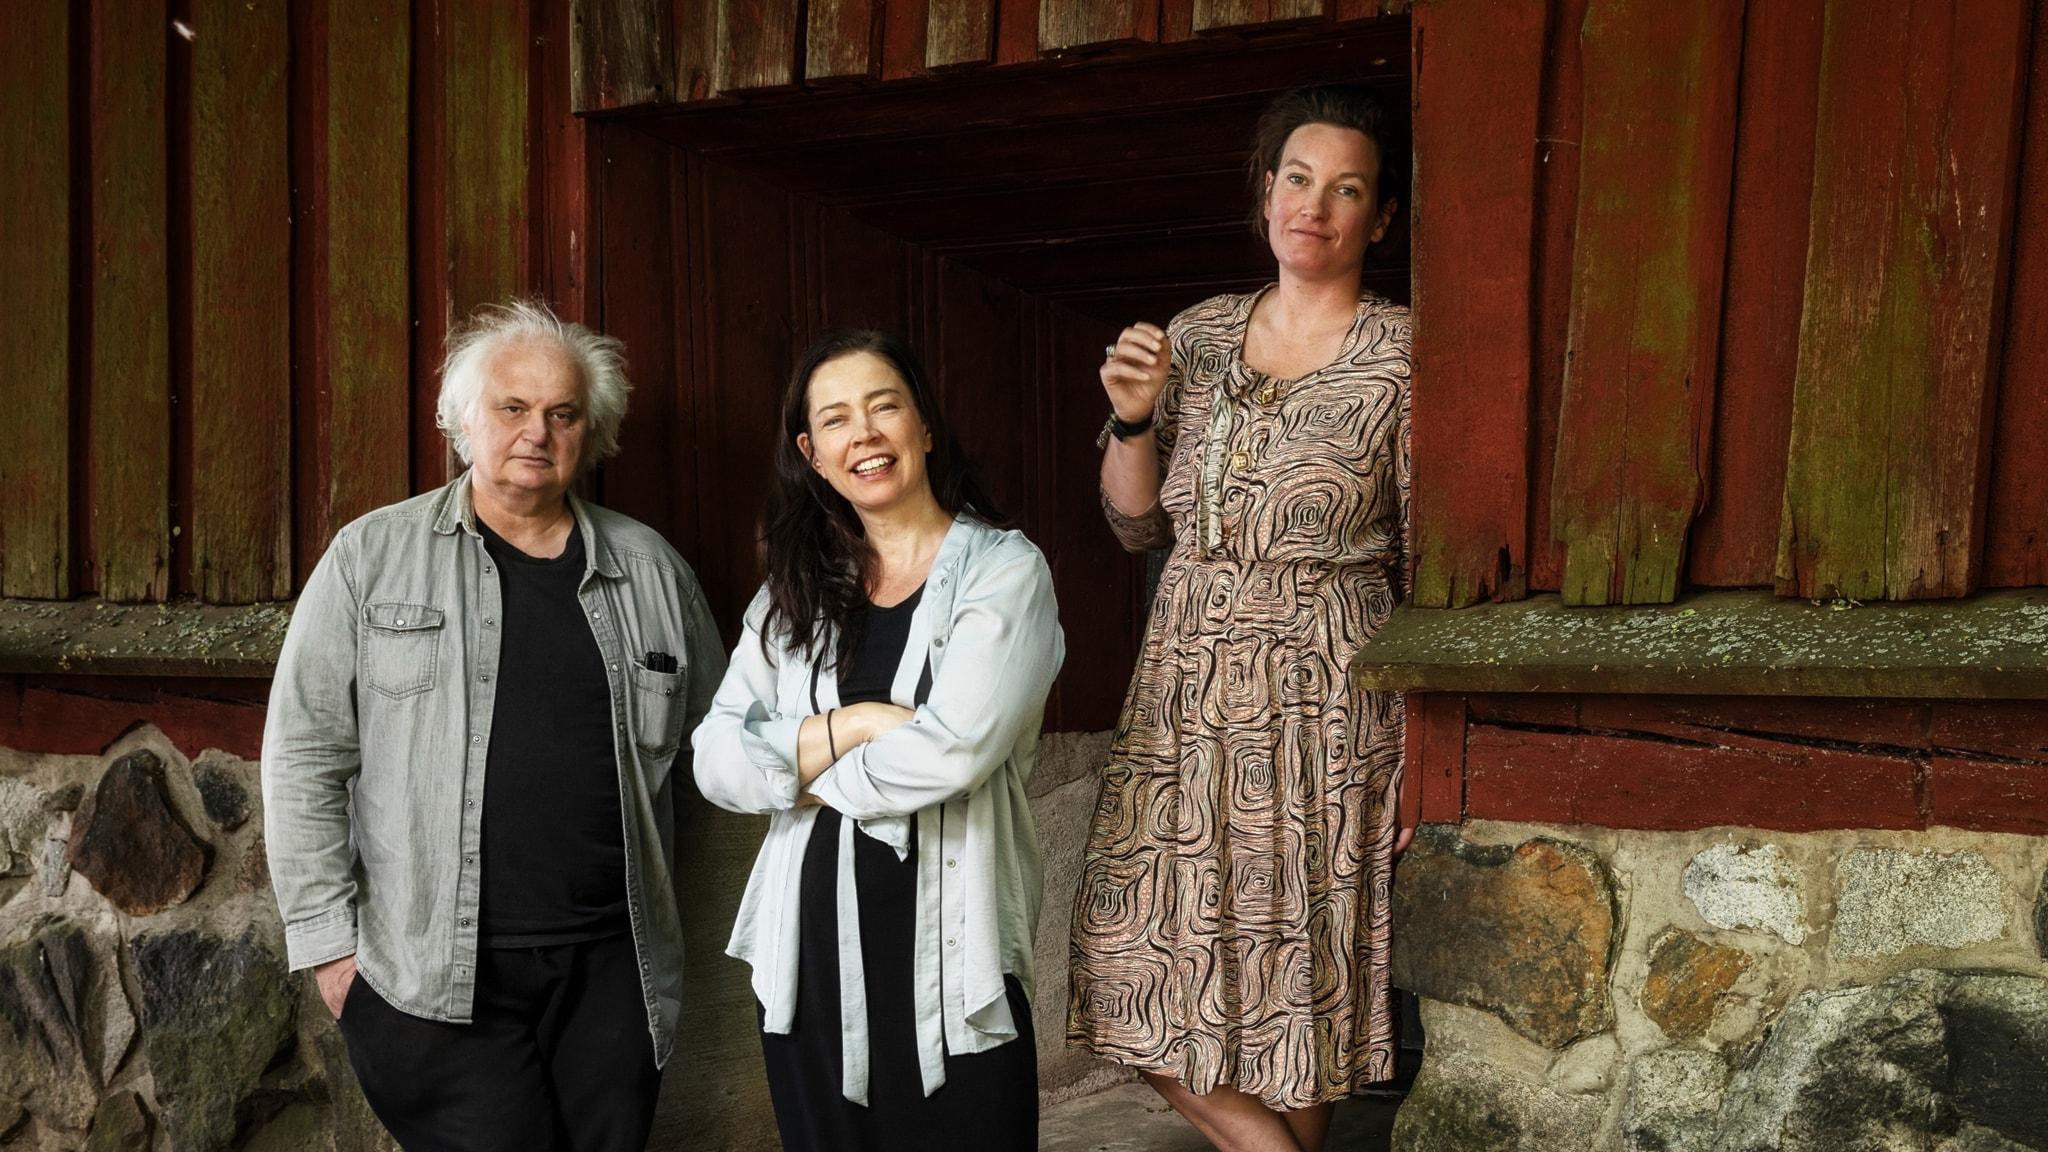 Göran Gredier, Agnes Lidbeck och Marie läser Laterna Magica av Ingmar Bergman.